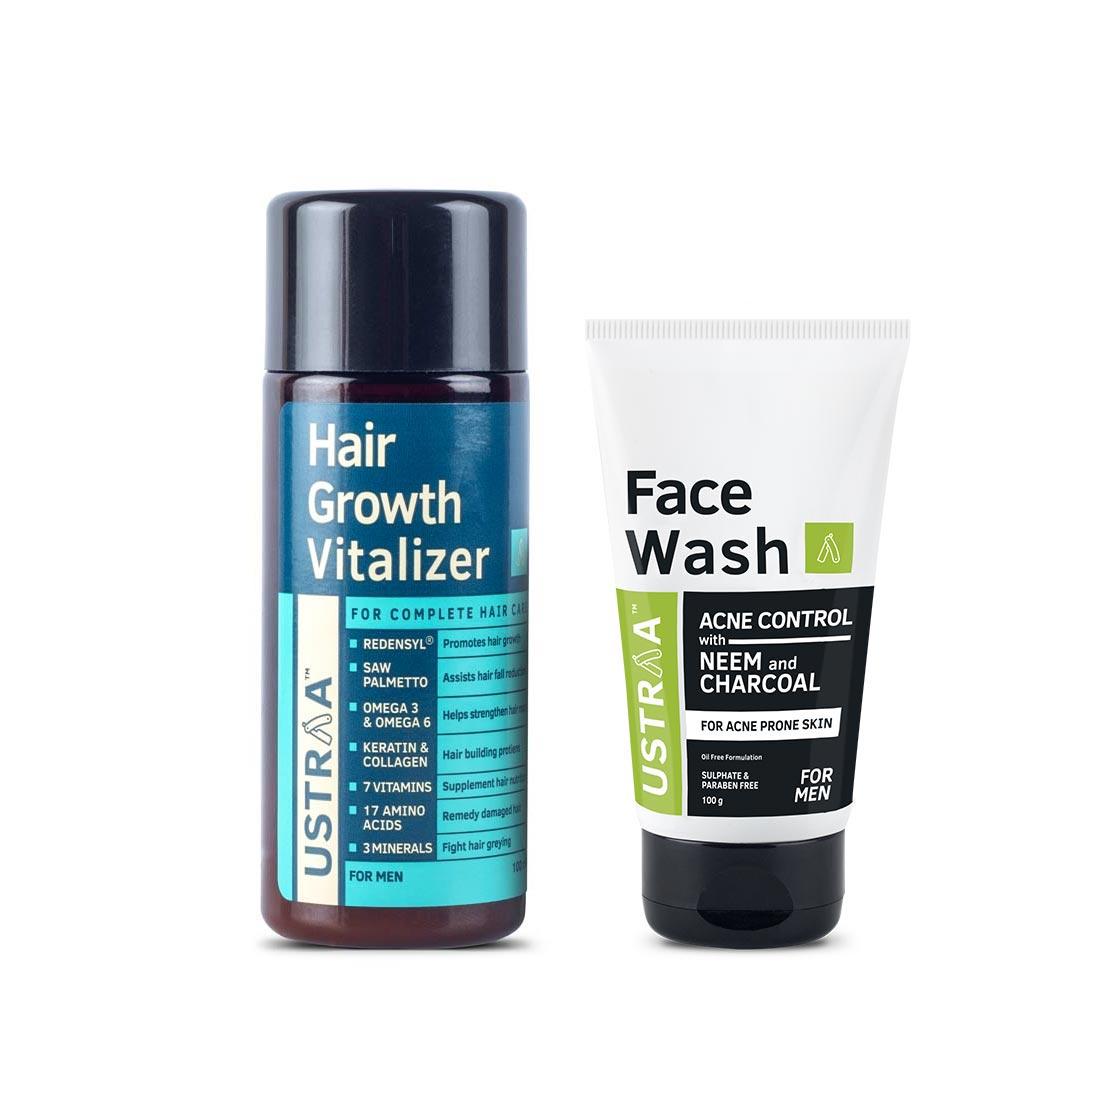 Hair Growth Vitalizer & Neem & Charcoal Facewash